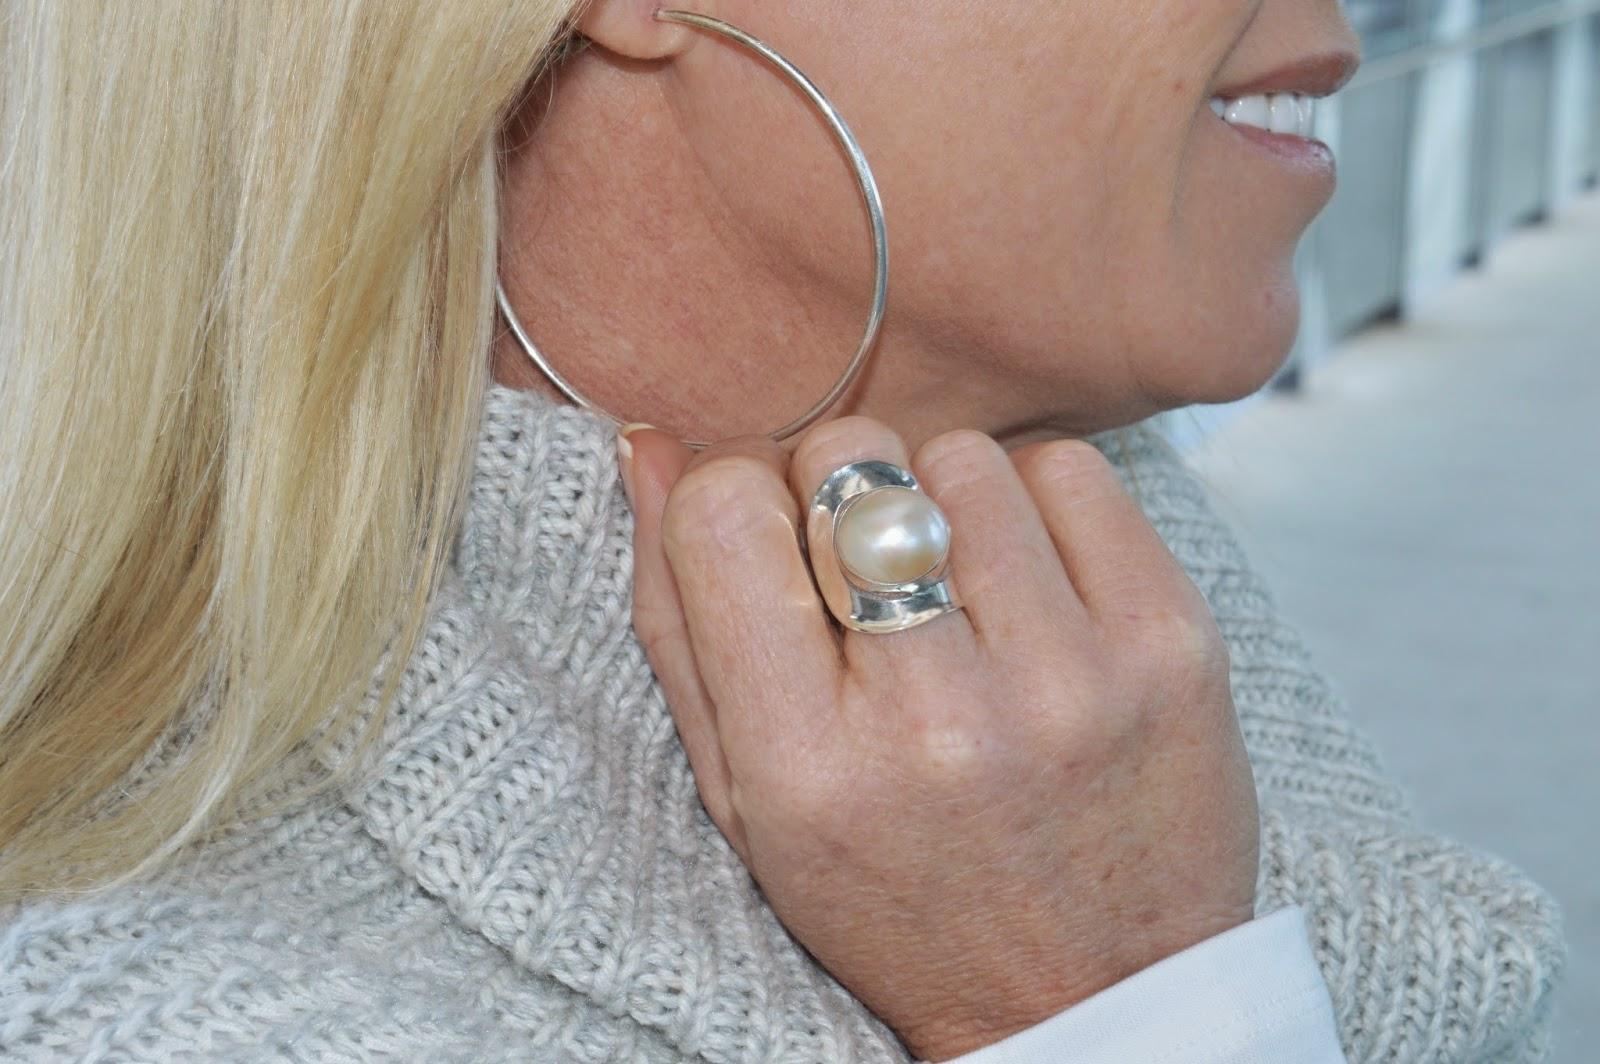 hoop earrings, grey sweater, pearl ring